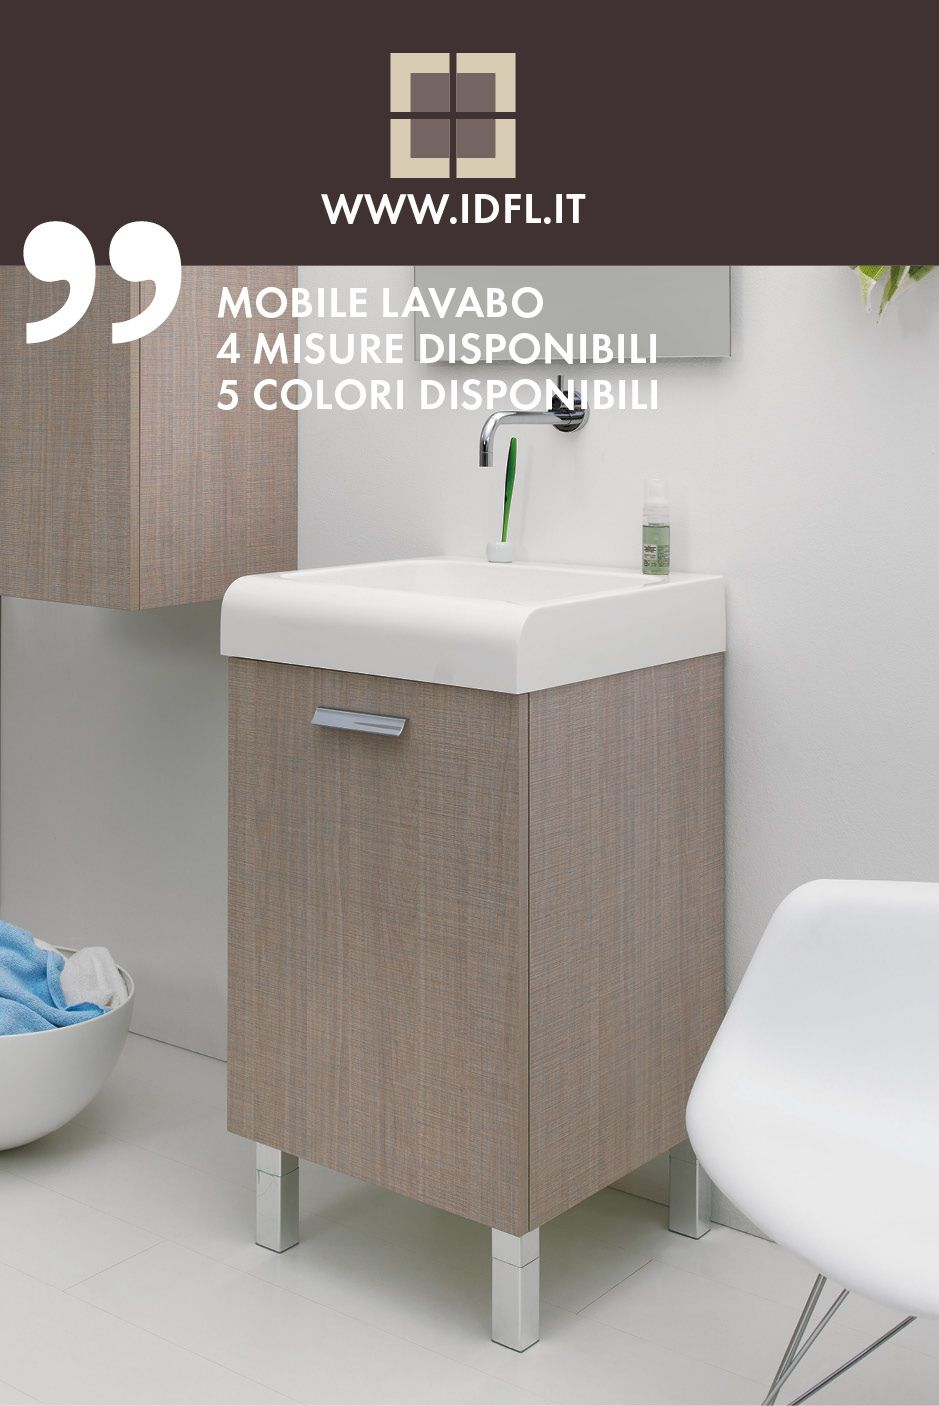 Mobile Lavabo 4 Misure Disponibili 5 Colori Disponibili